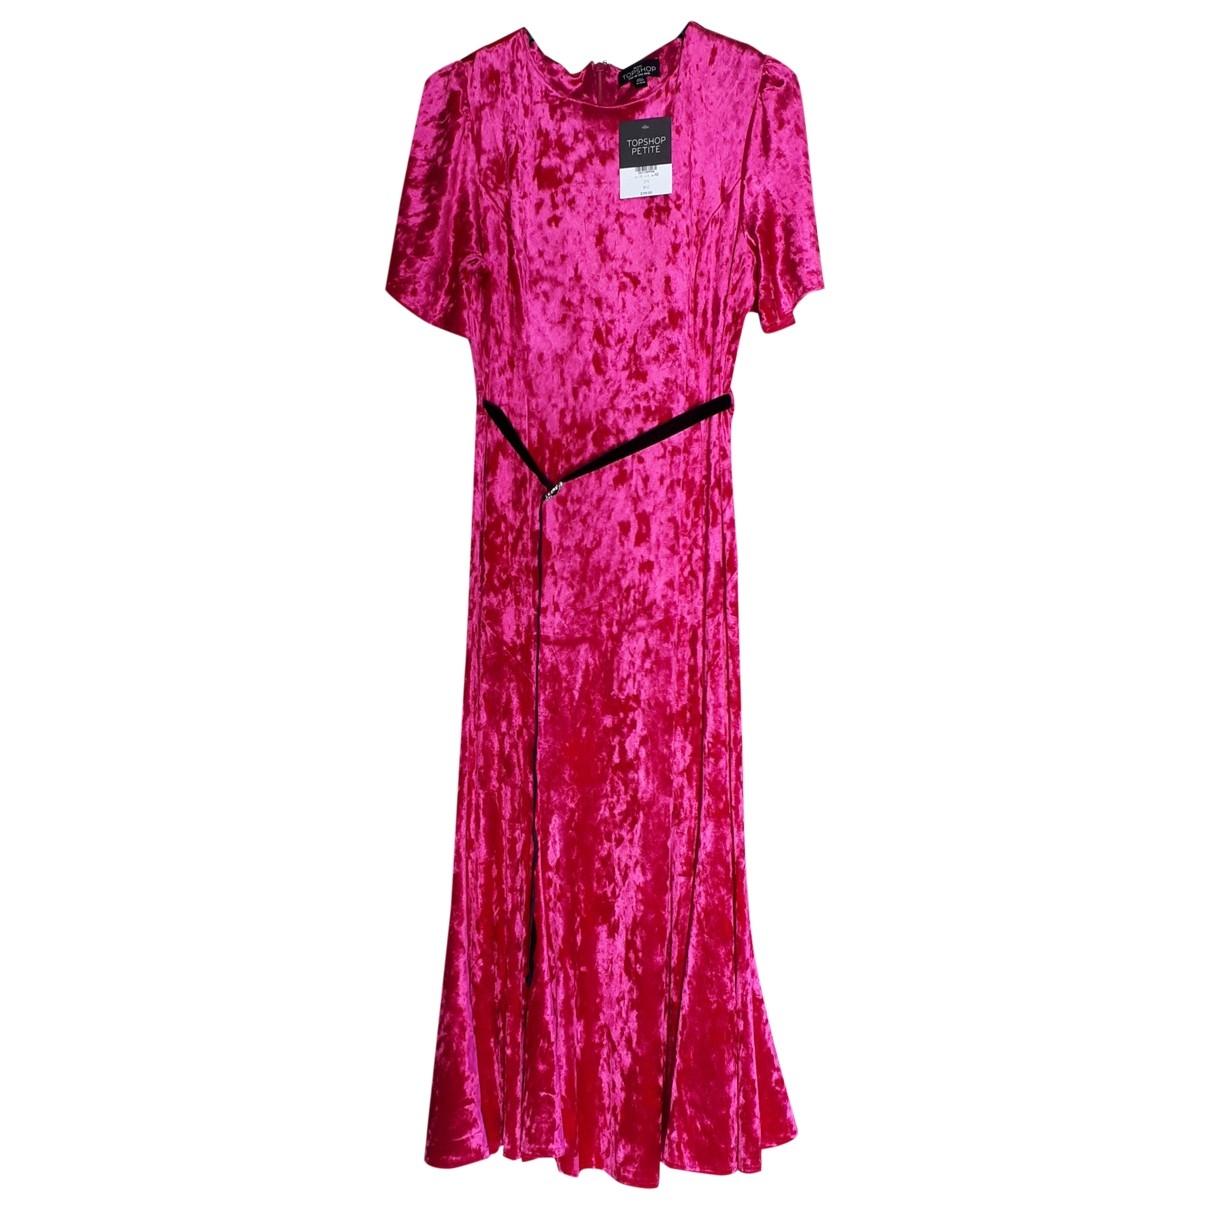 Tophop \N Kleid in  Rosa Samt